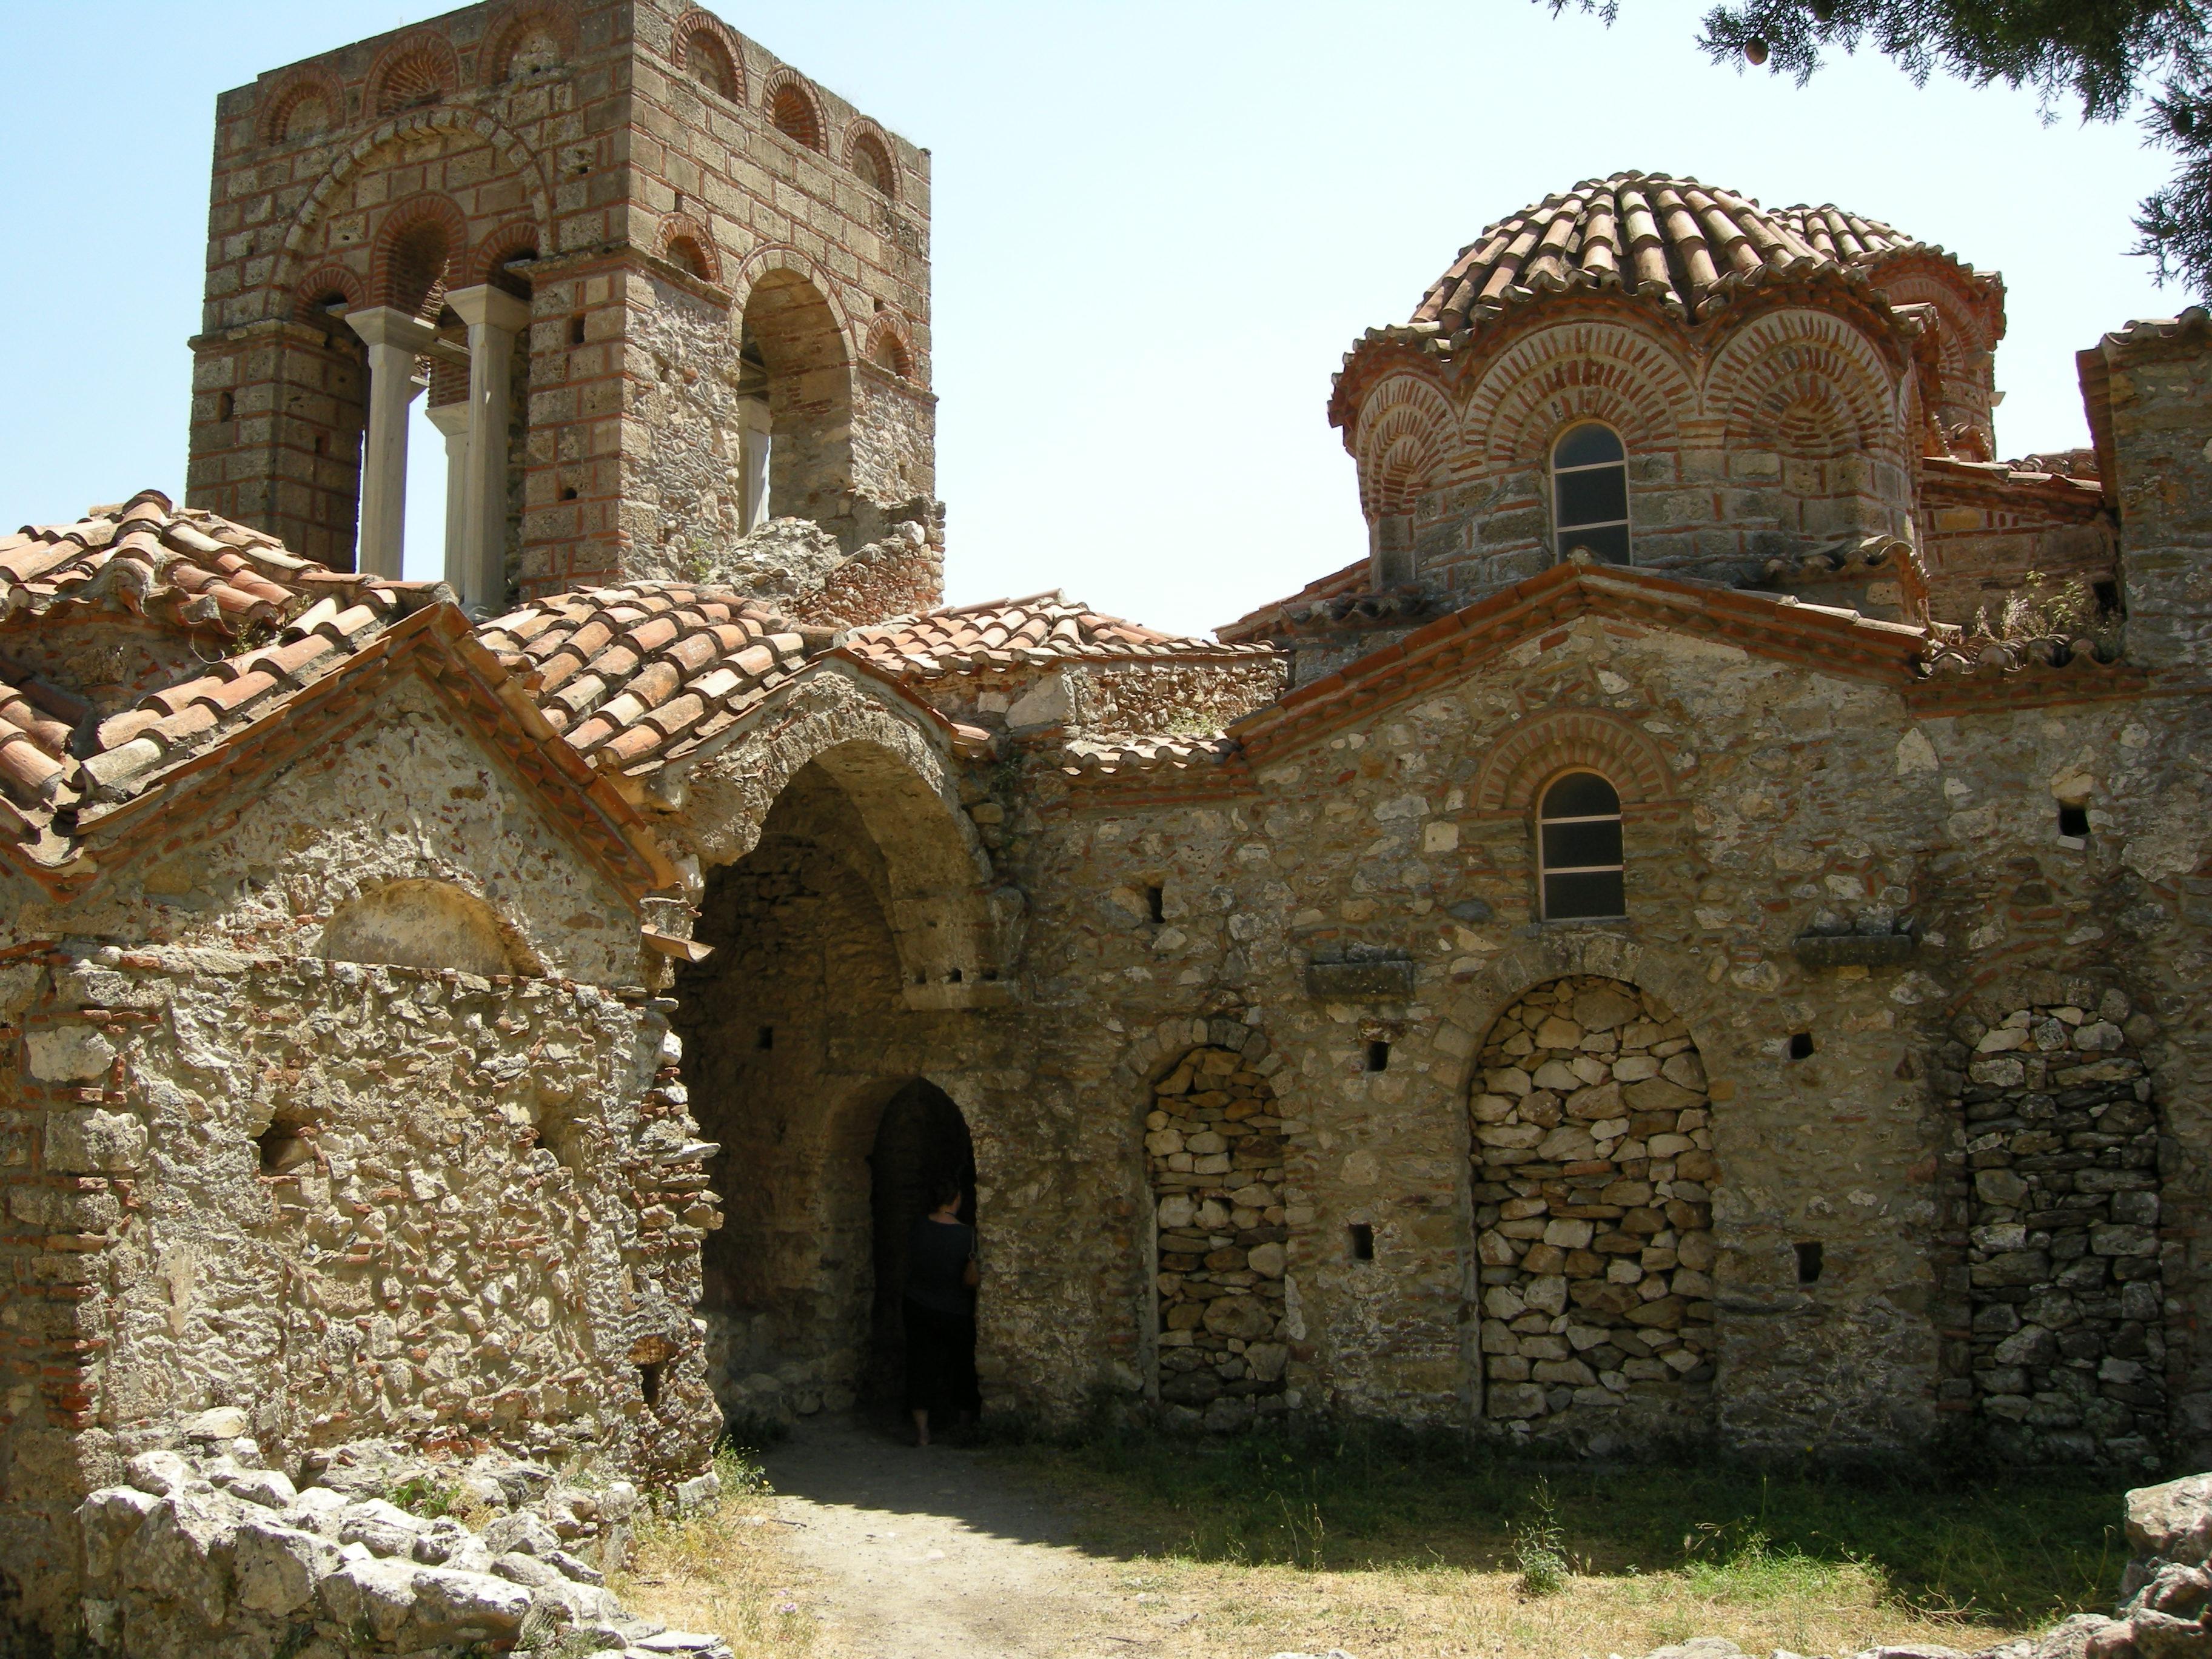 File:Mystras, agia sophia 03.JPG - Wikimedia Commons